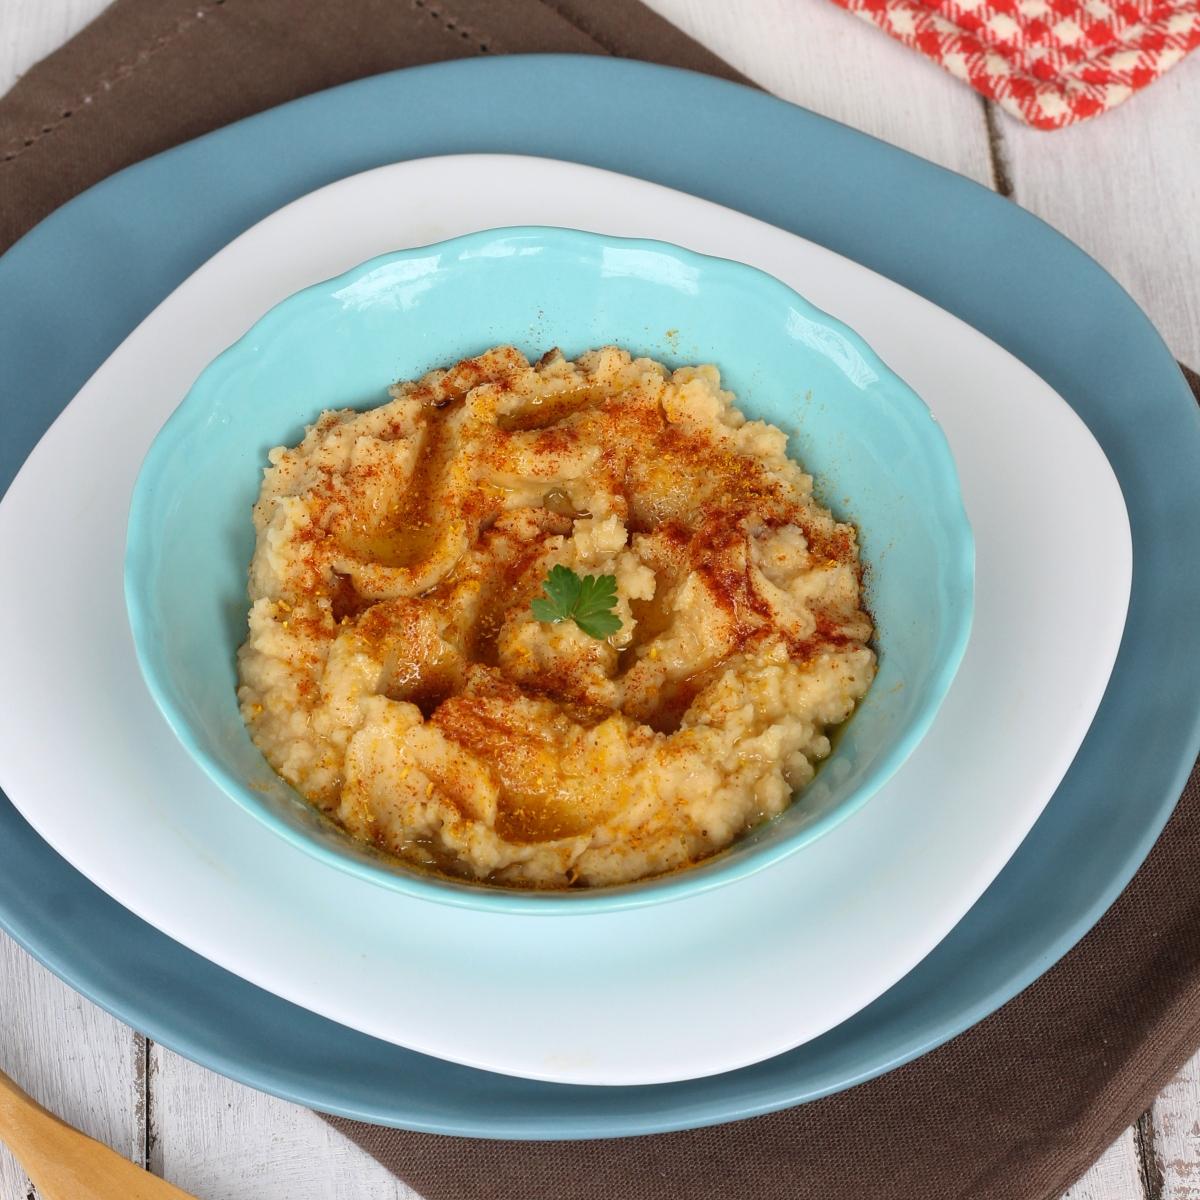 HUMMUS DI CECI ricetta originale | ricetta tradizionale hummus libanese